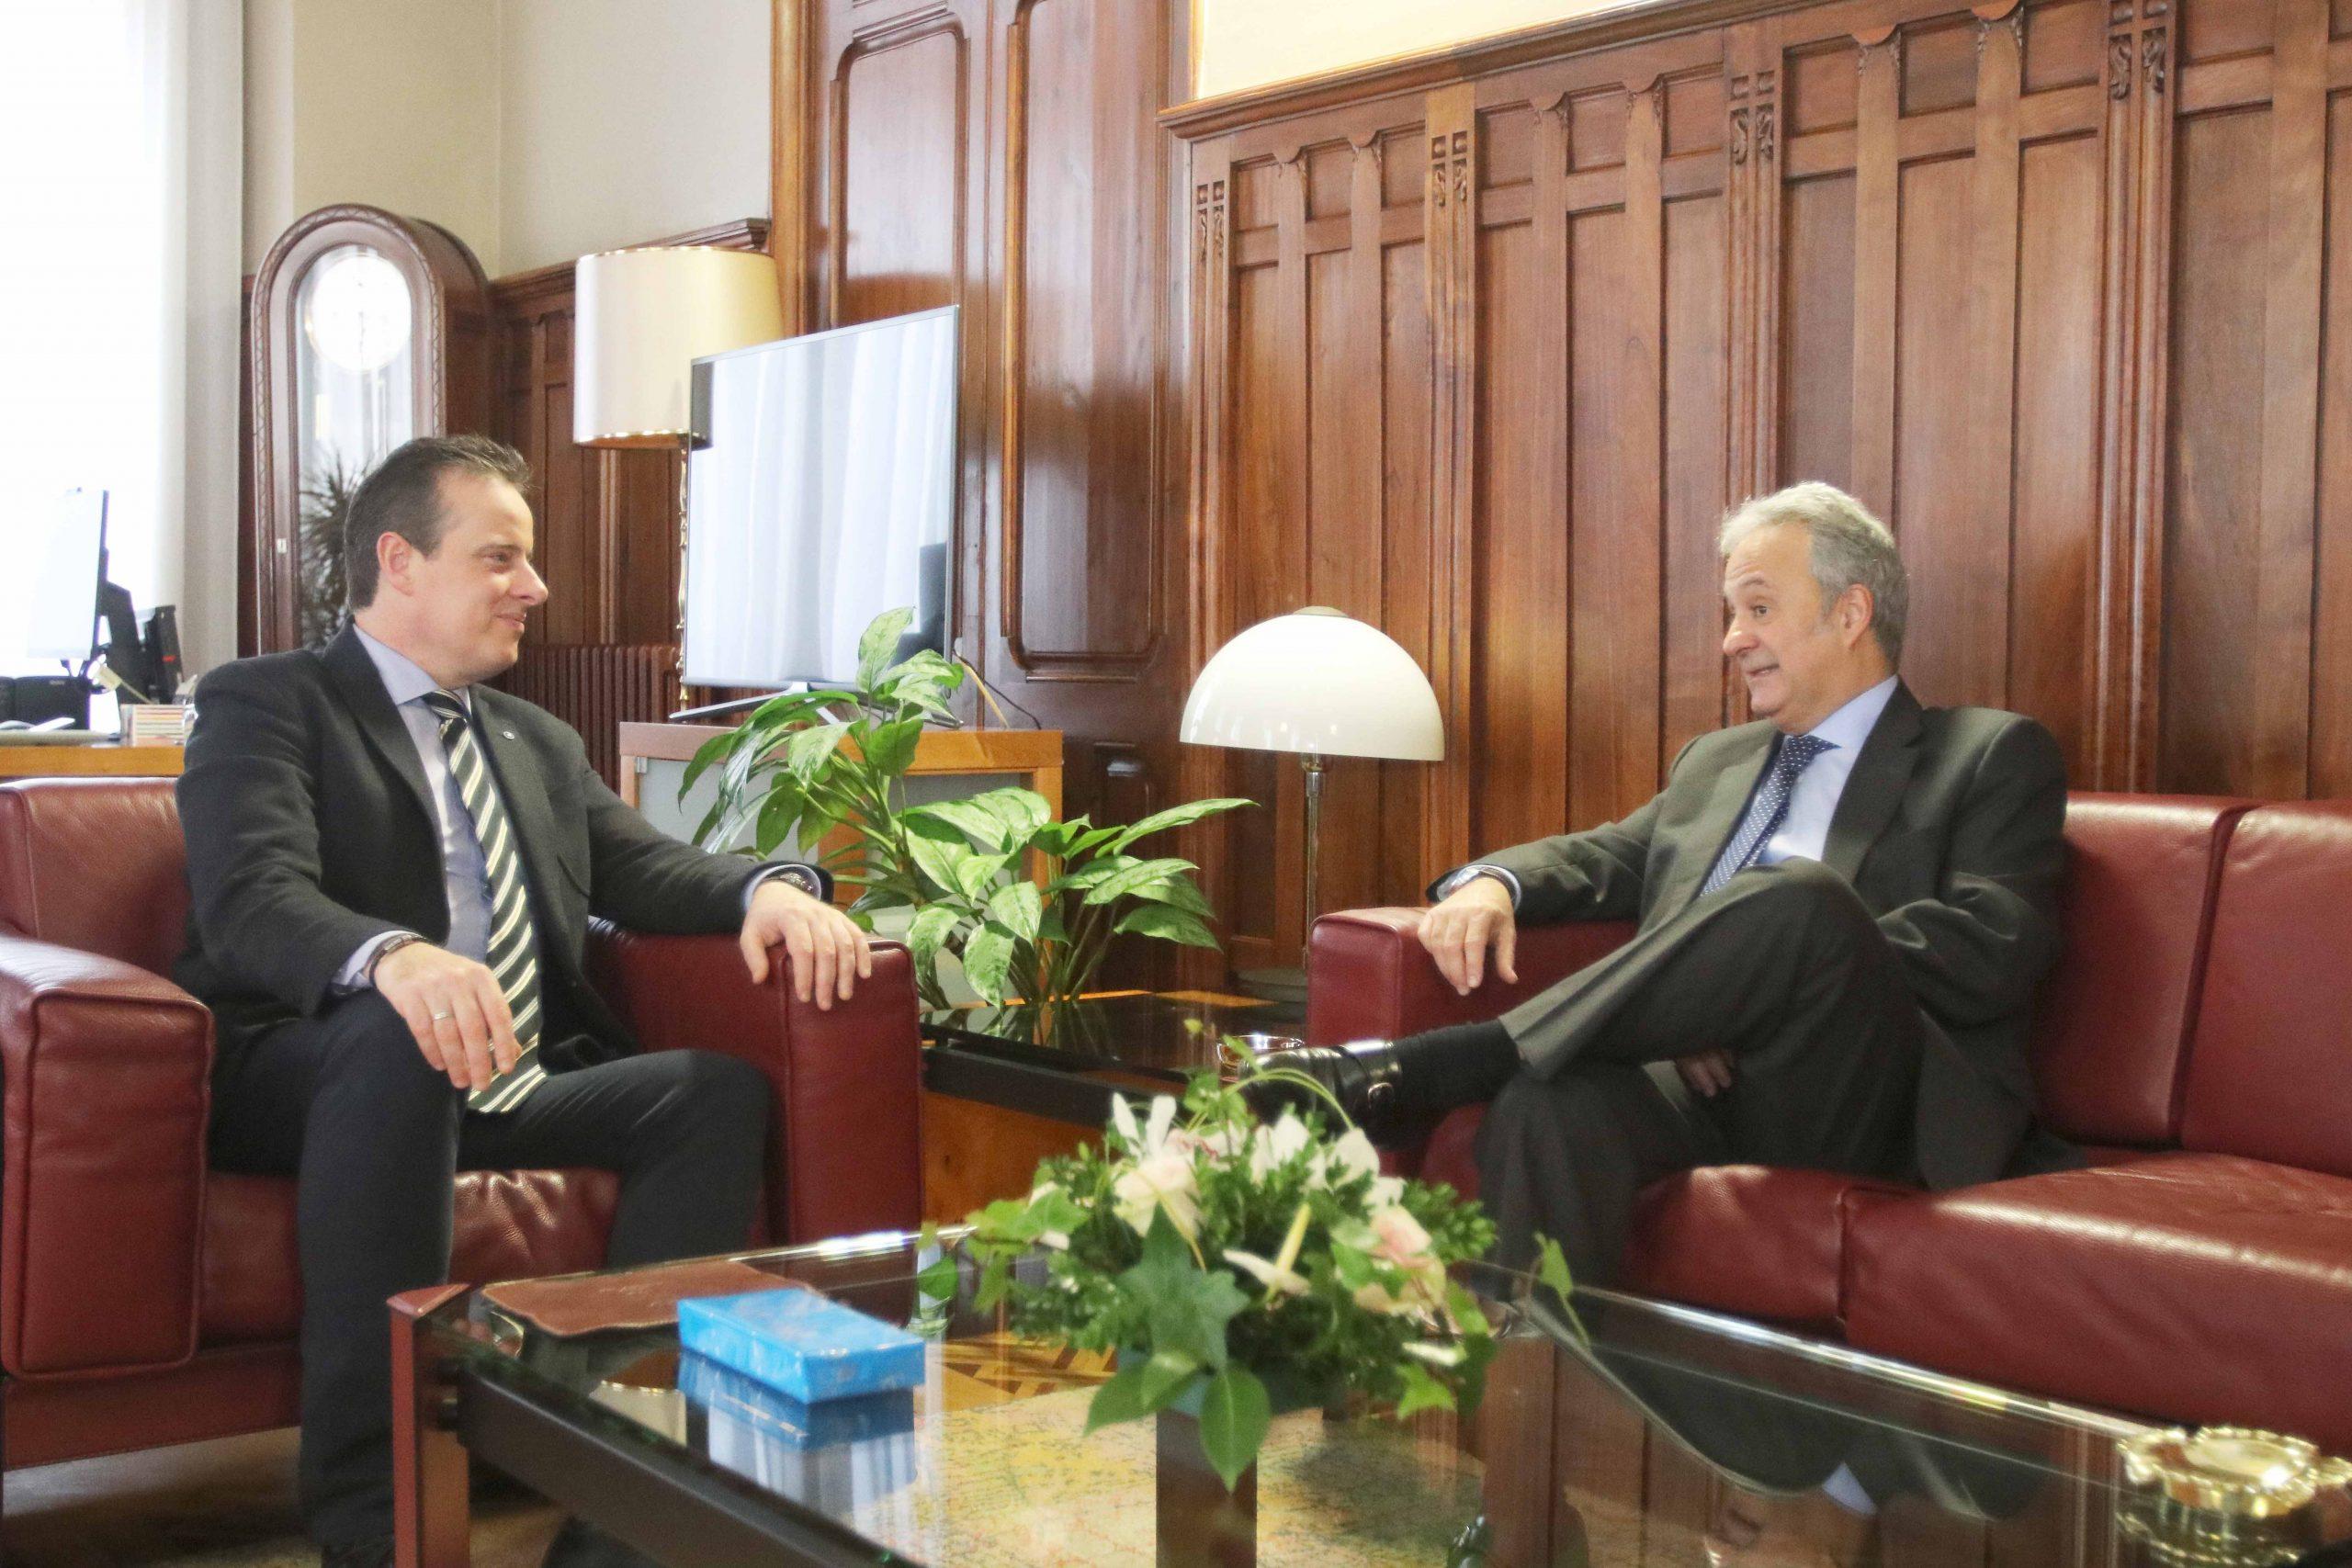 El Presidente de la Junta recibe al Presidente del Tribunal Superior de Justicia de Asturias